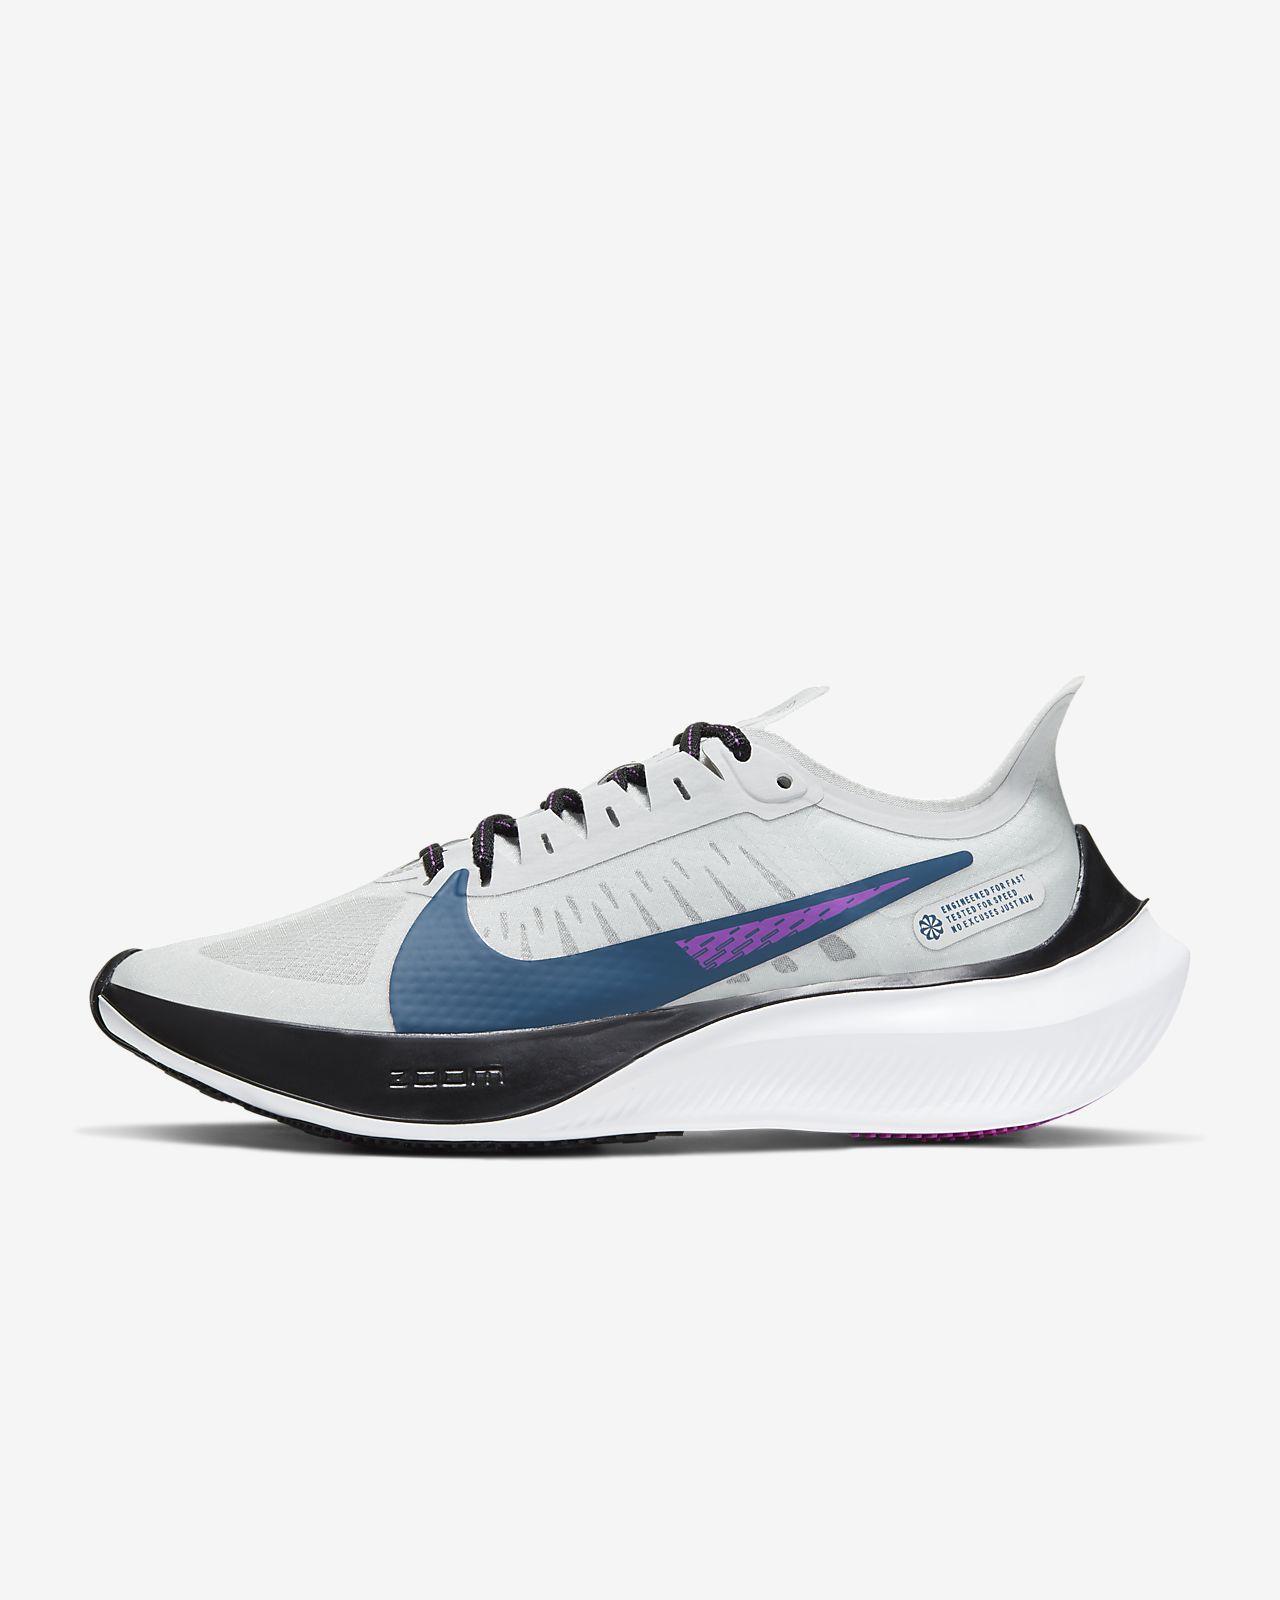 รองเท้าวิ่งผู้หญิง Nike Zoom Gravity